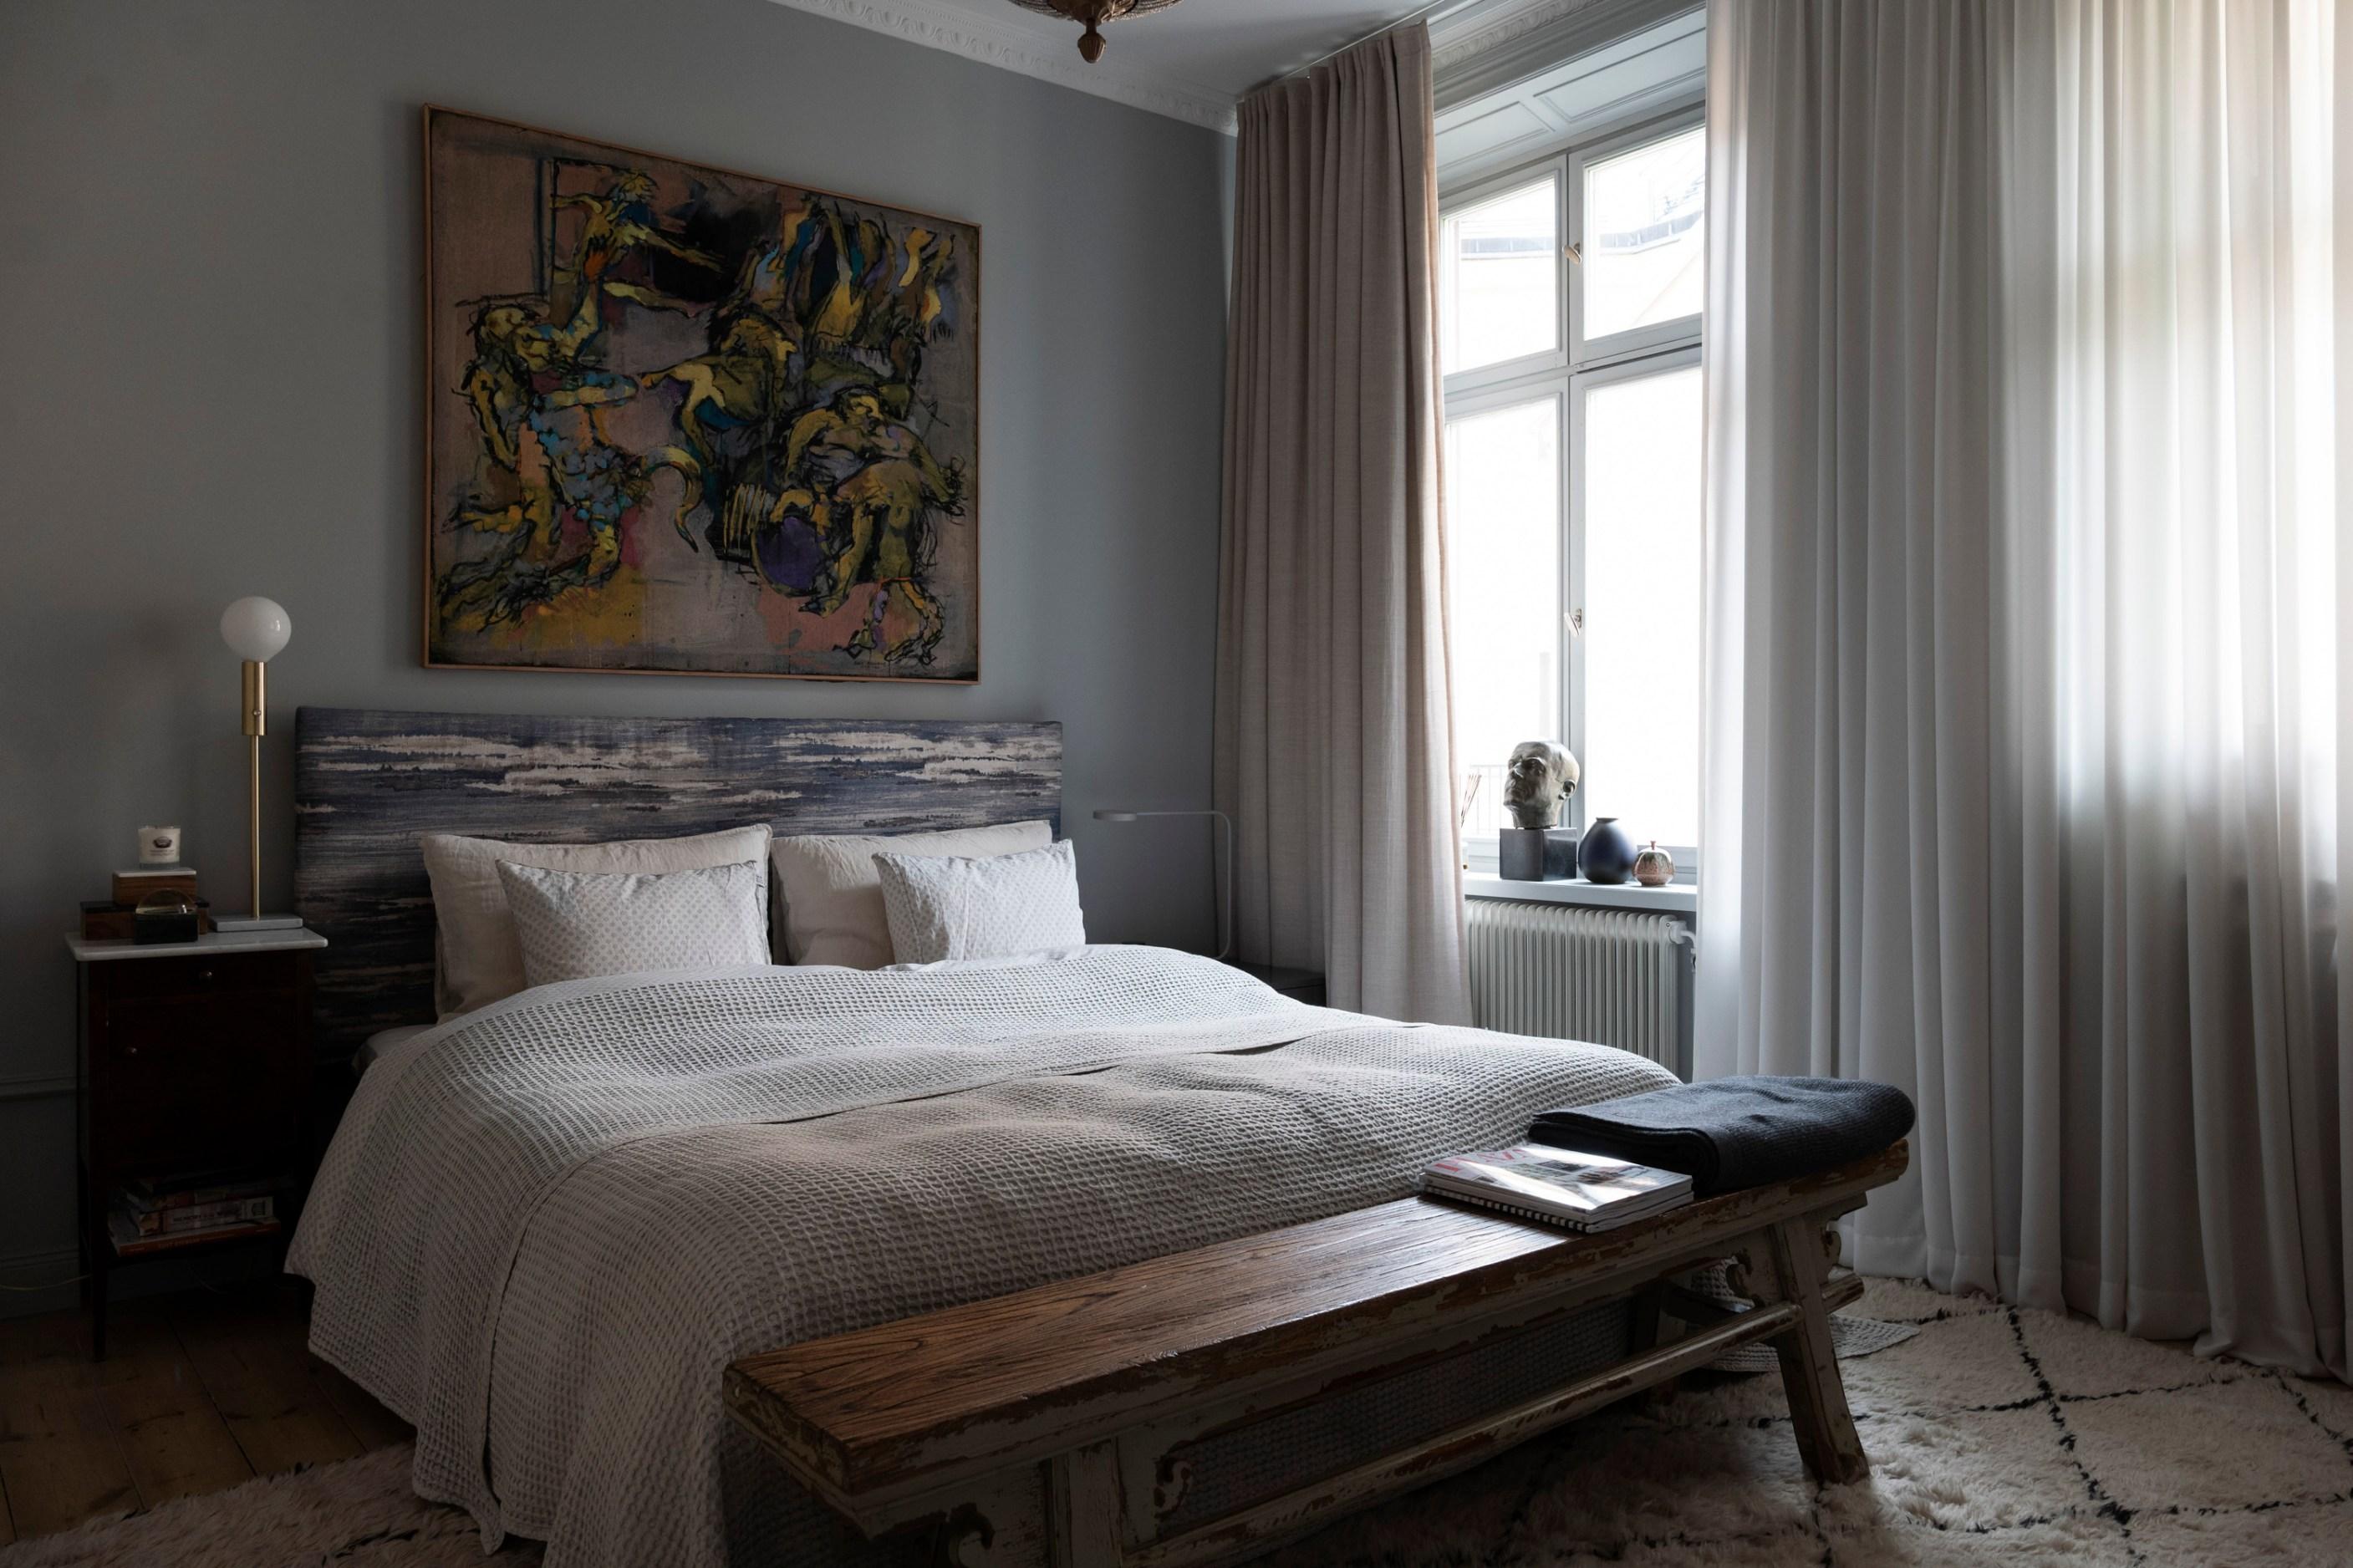 спальня лавка скамья кровать